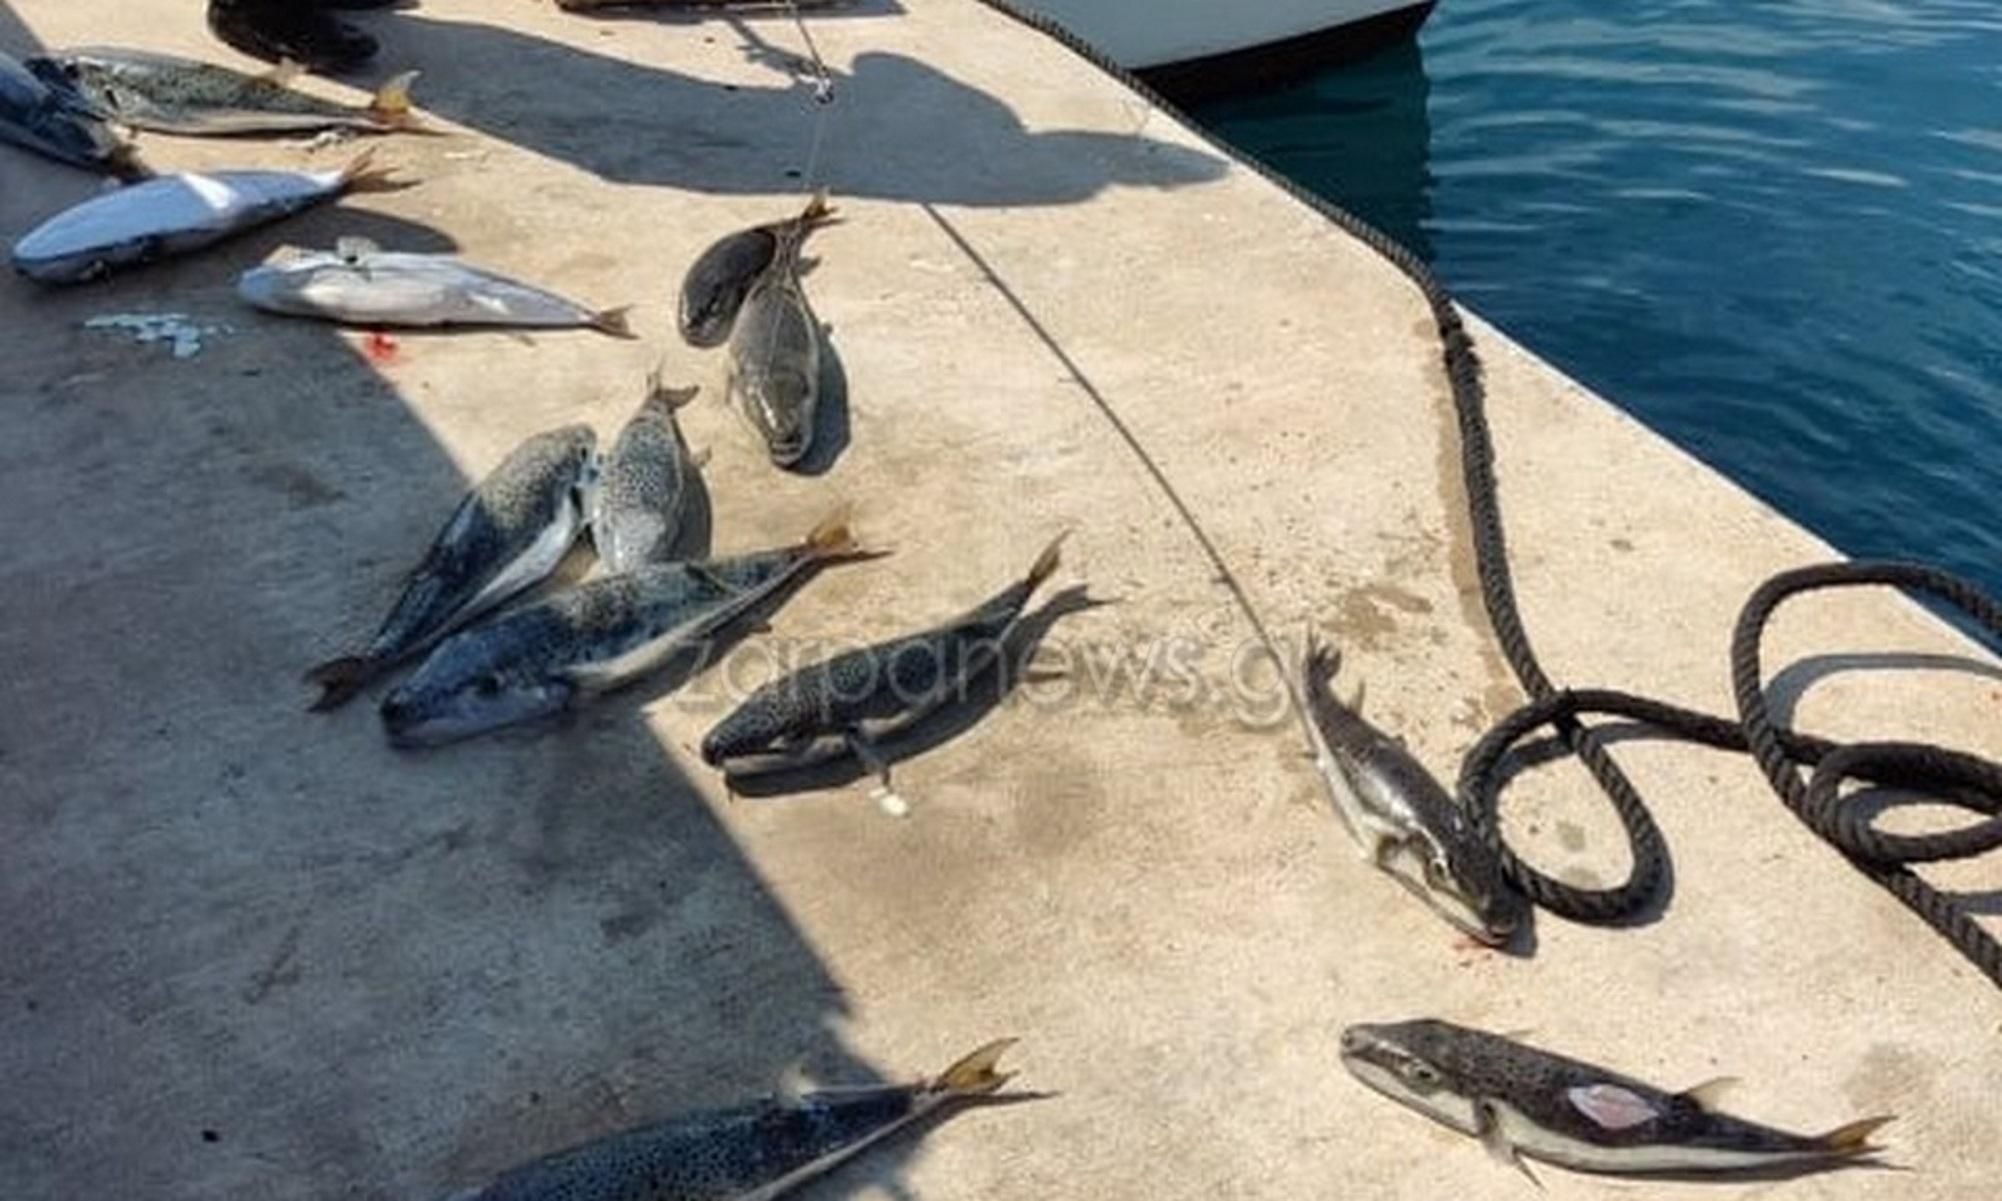 Χανιά: Δηλητηριώδεις λαγοκέφαλοι στις ακτές – Γέμισαν τα δίχτυα των ψαράδων (pics)